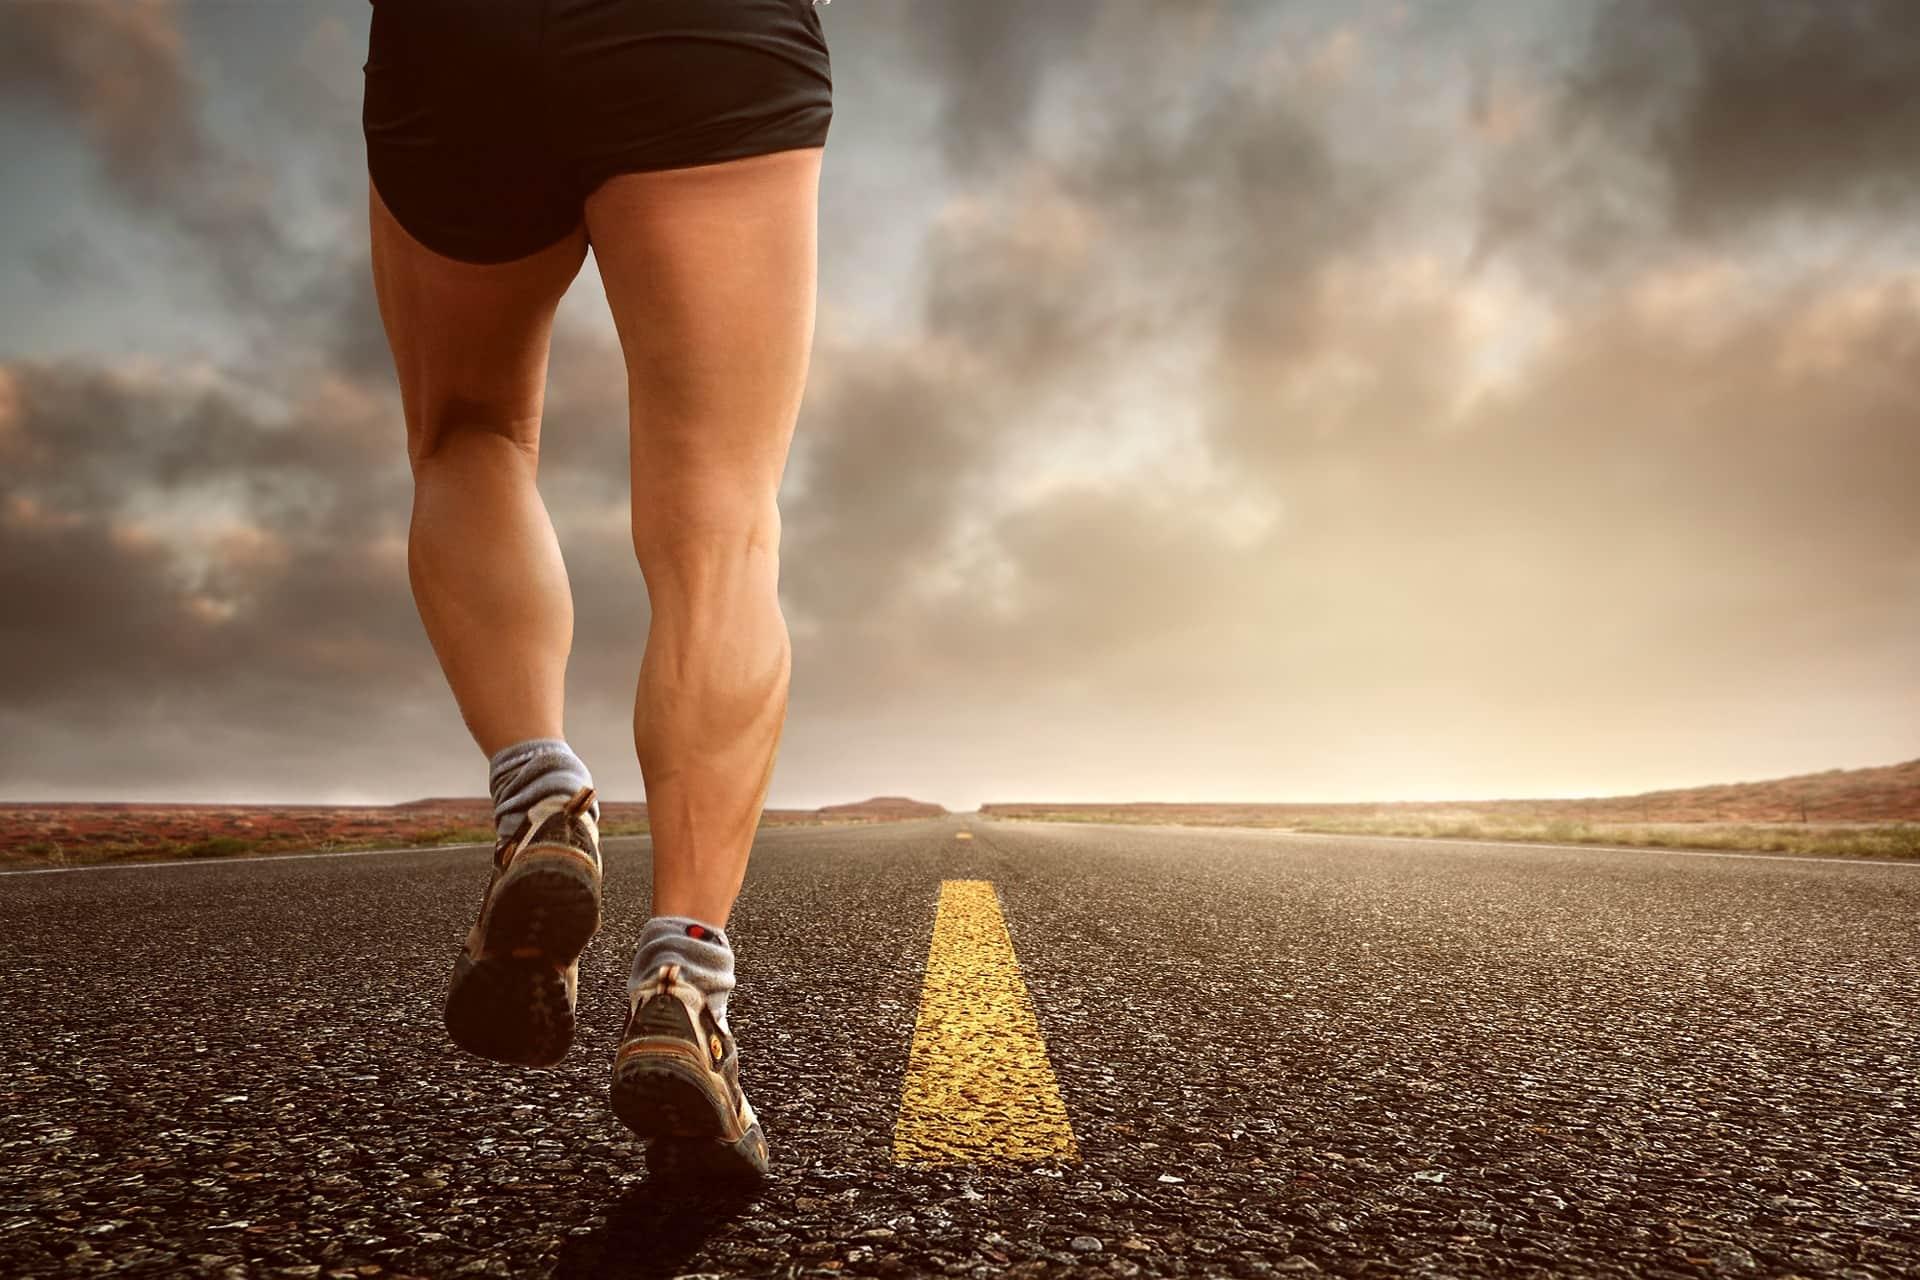 jogging-2343558_1920-1-min-1-1のアイキャッチ画像